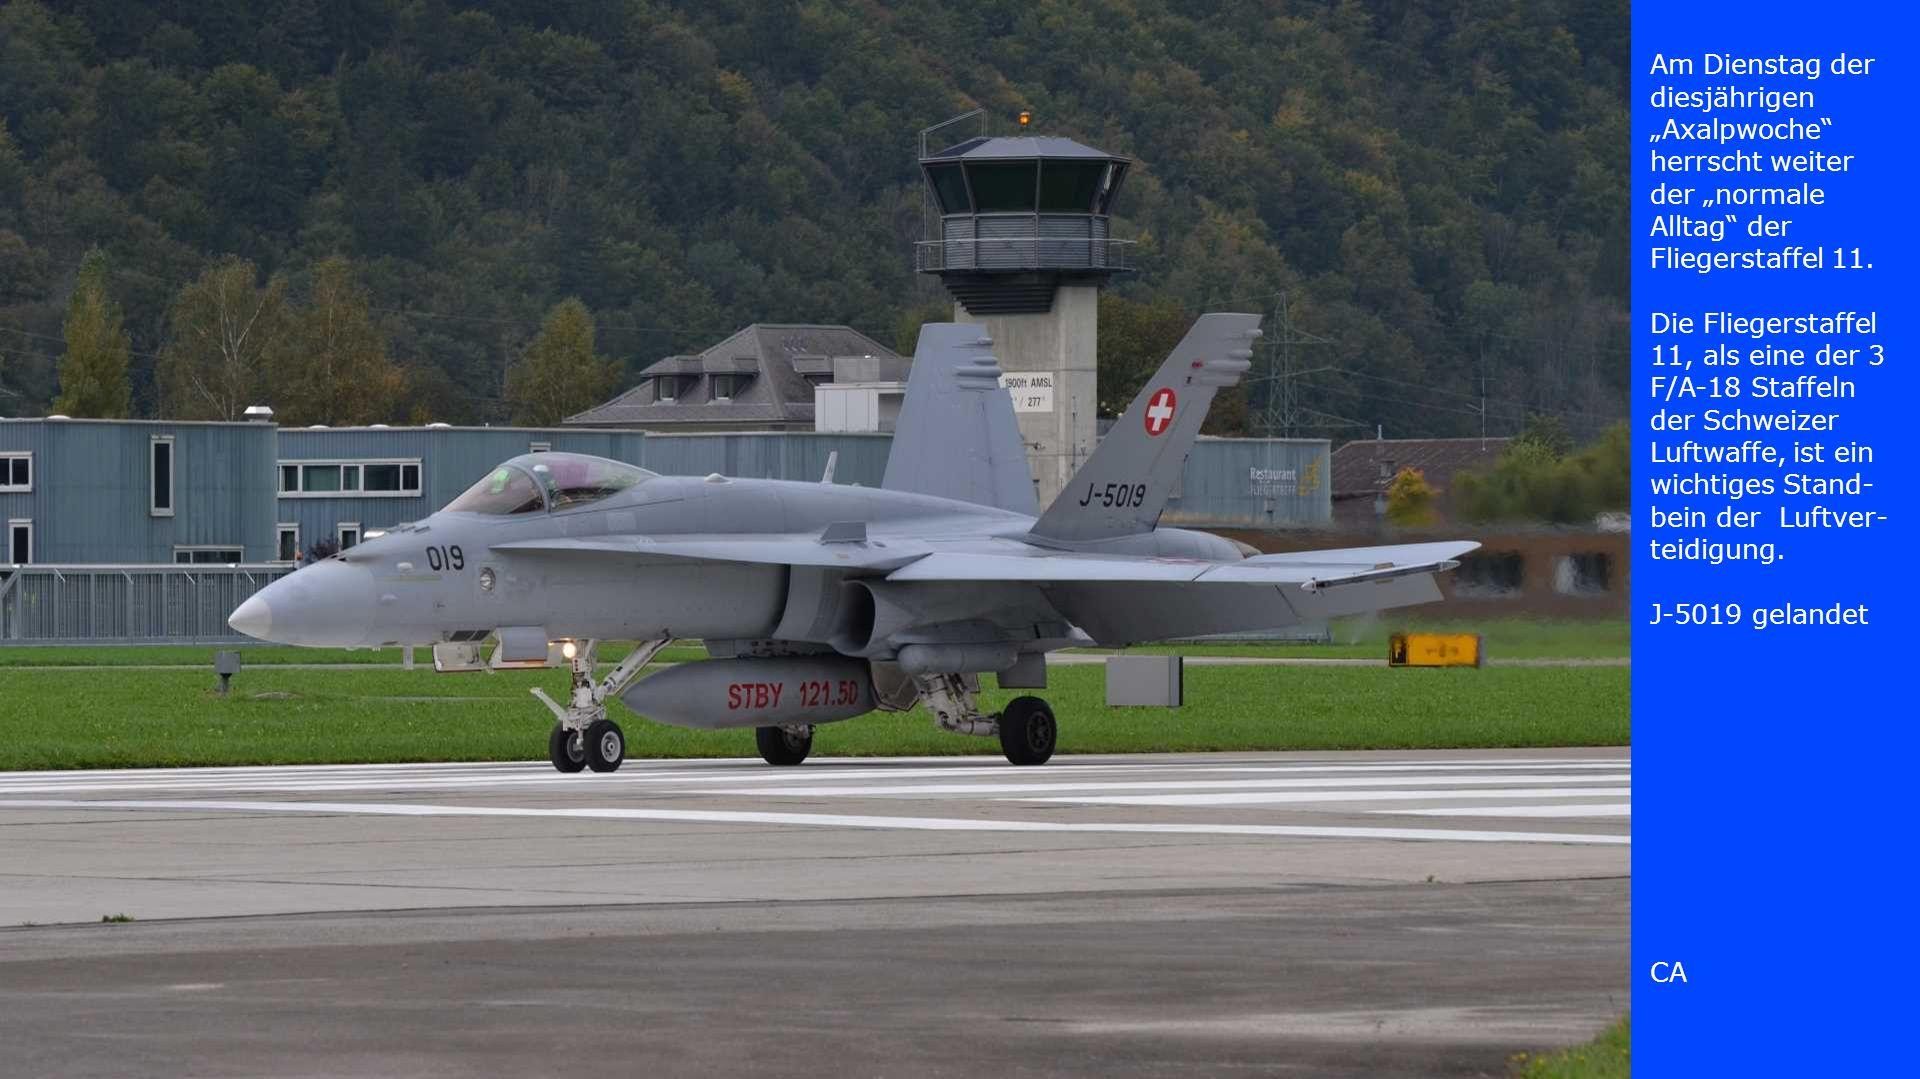 Am Dienstag der diesjährigen Axalpwoche herrscht weiter der normale Alltag der Fliegerstaffel 11. Die Fliegerstaffel 11, als eine der 3 F/A-18 Staffel